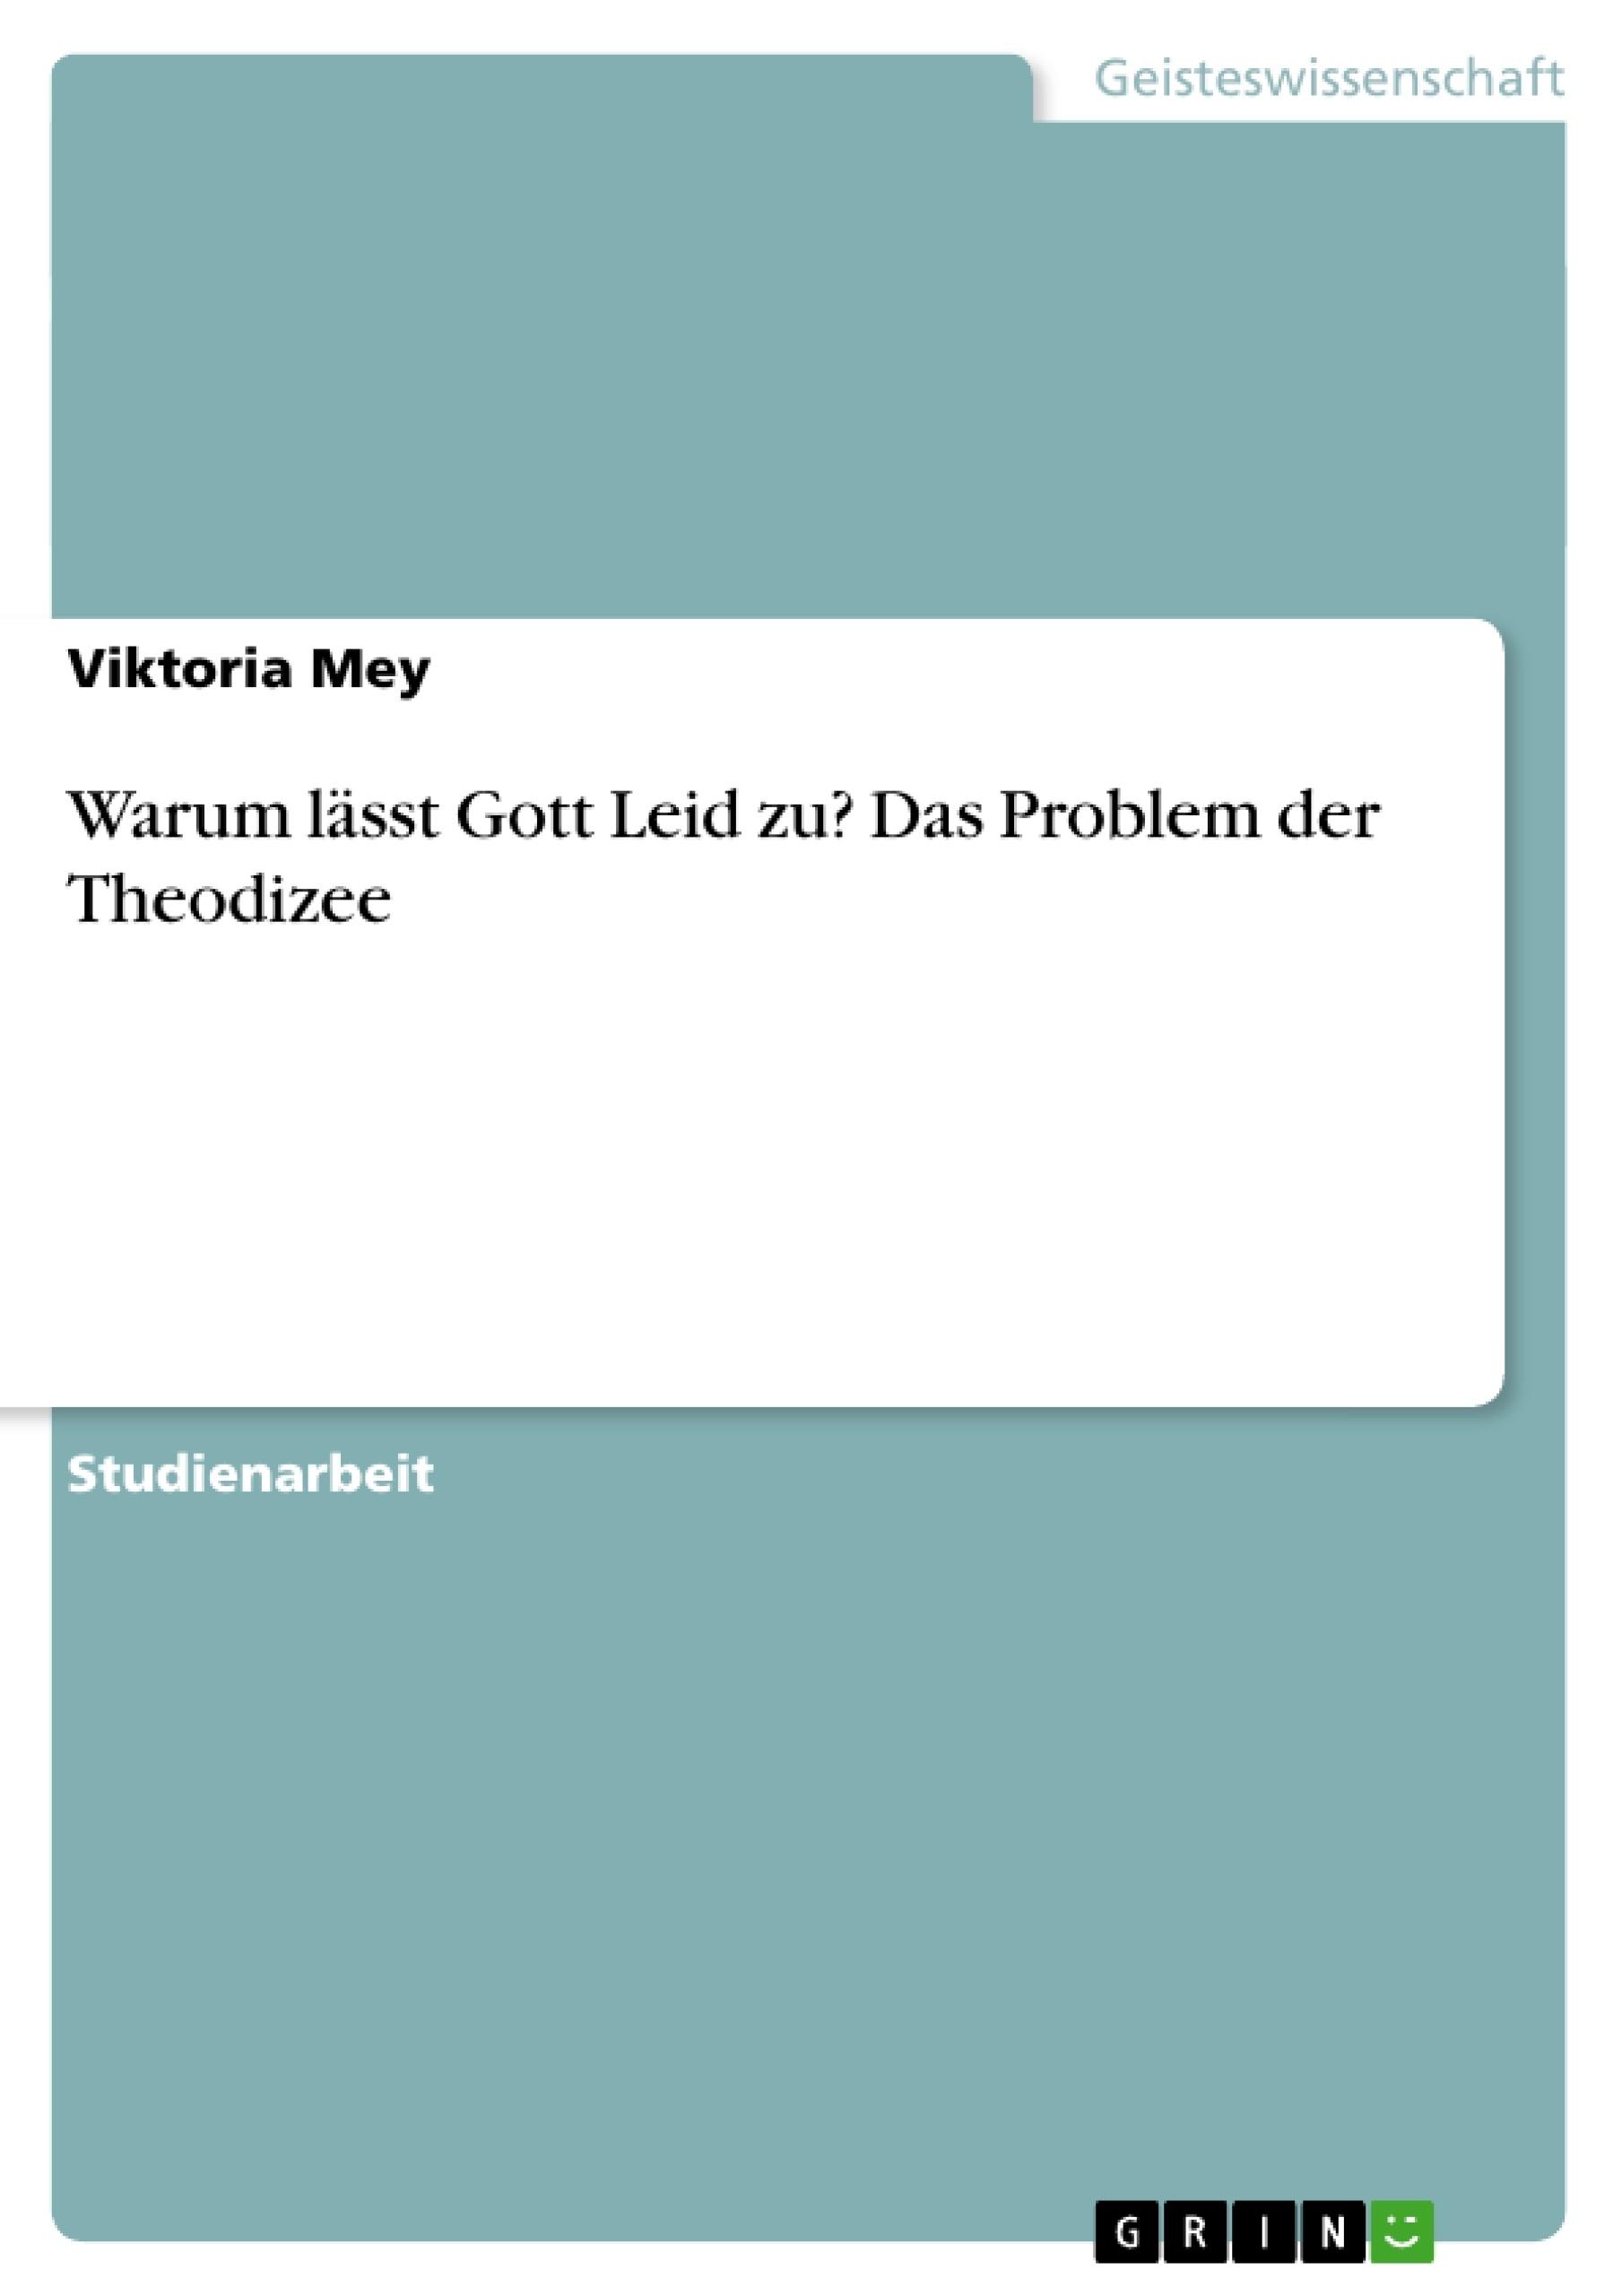 Titel: Warum lässt Gott Leid zu? Das Problem der Theodizee